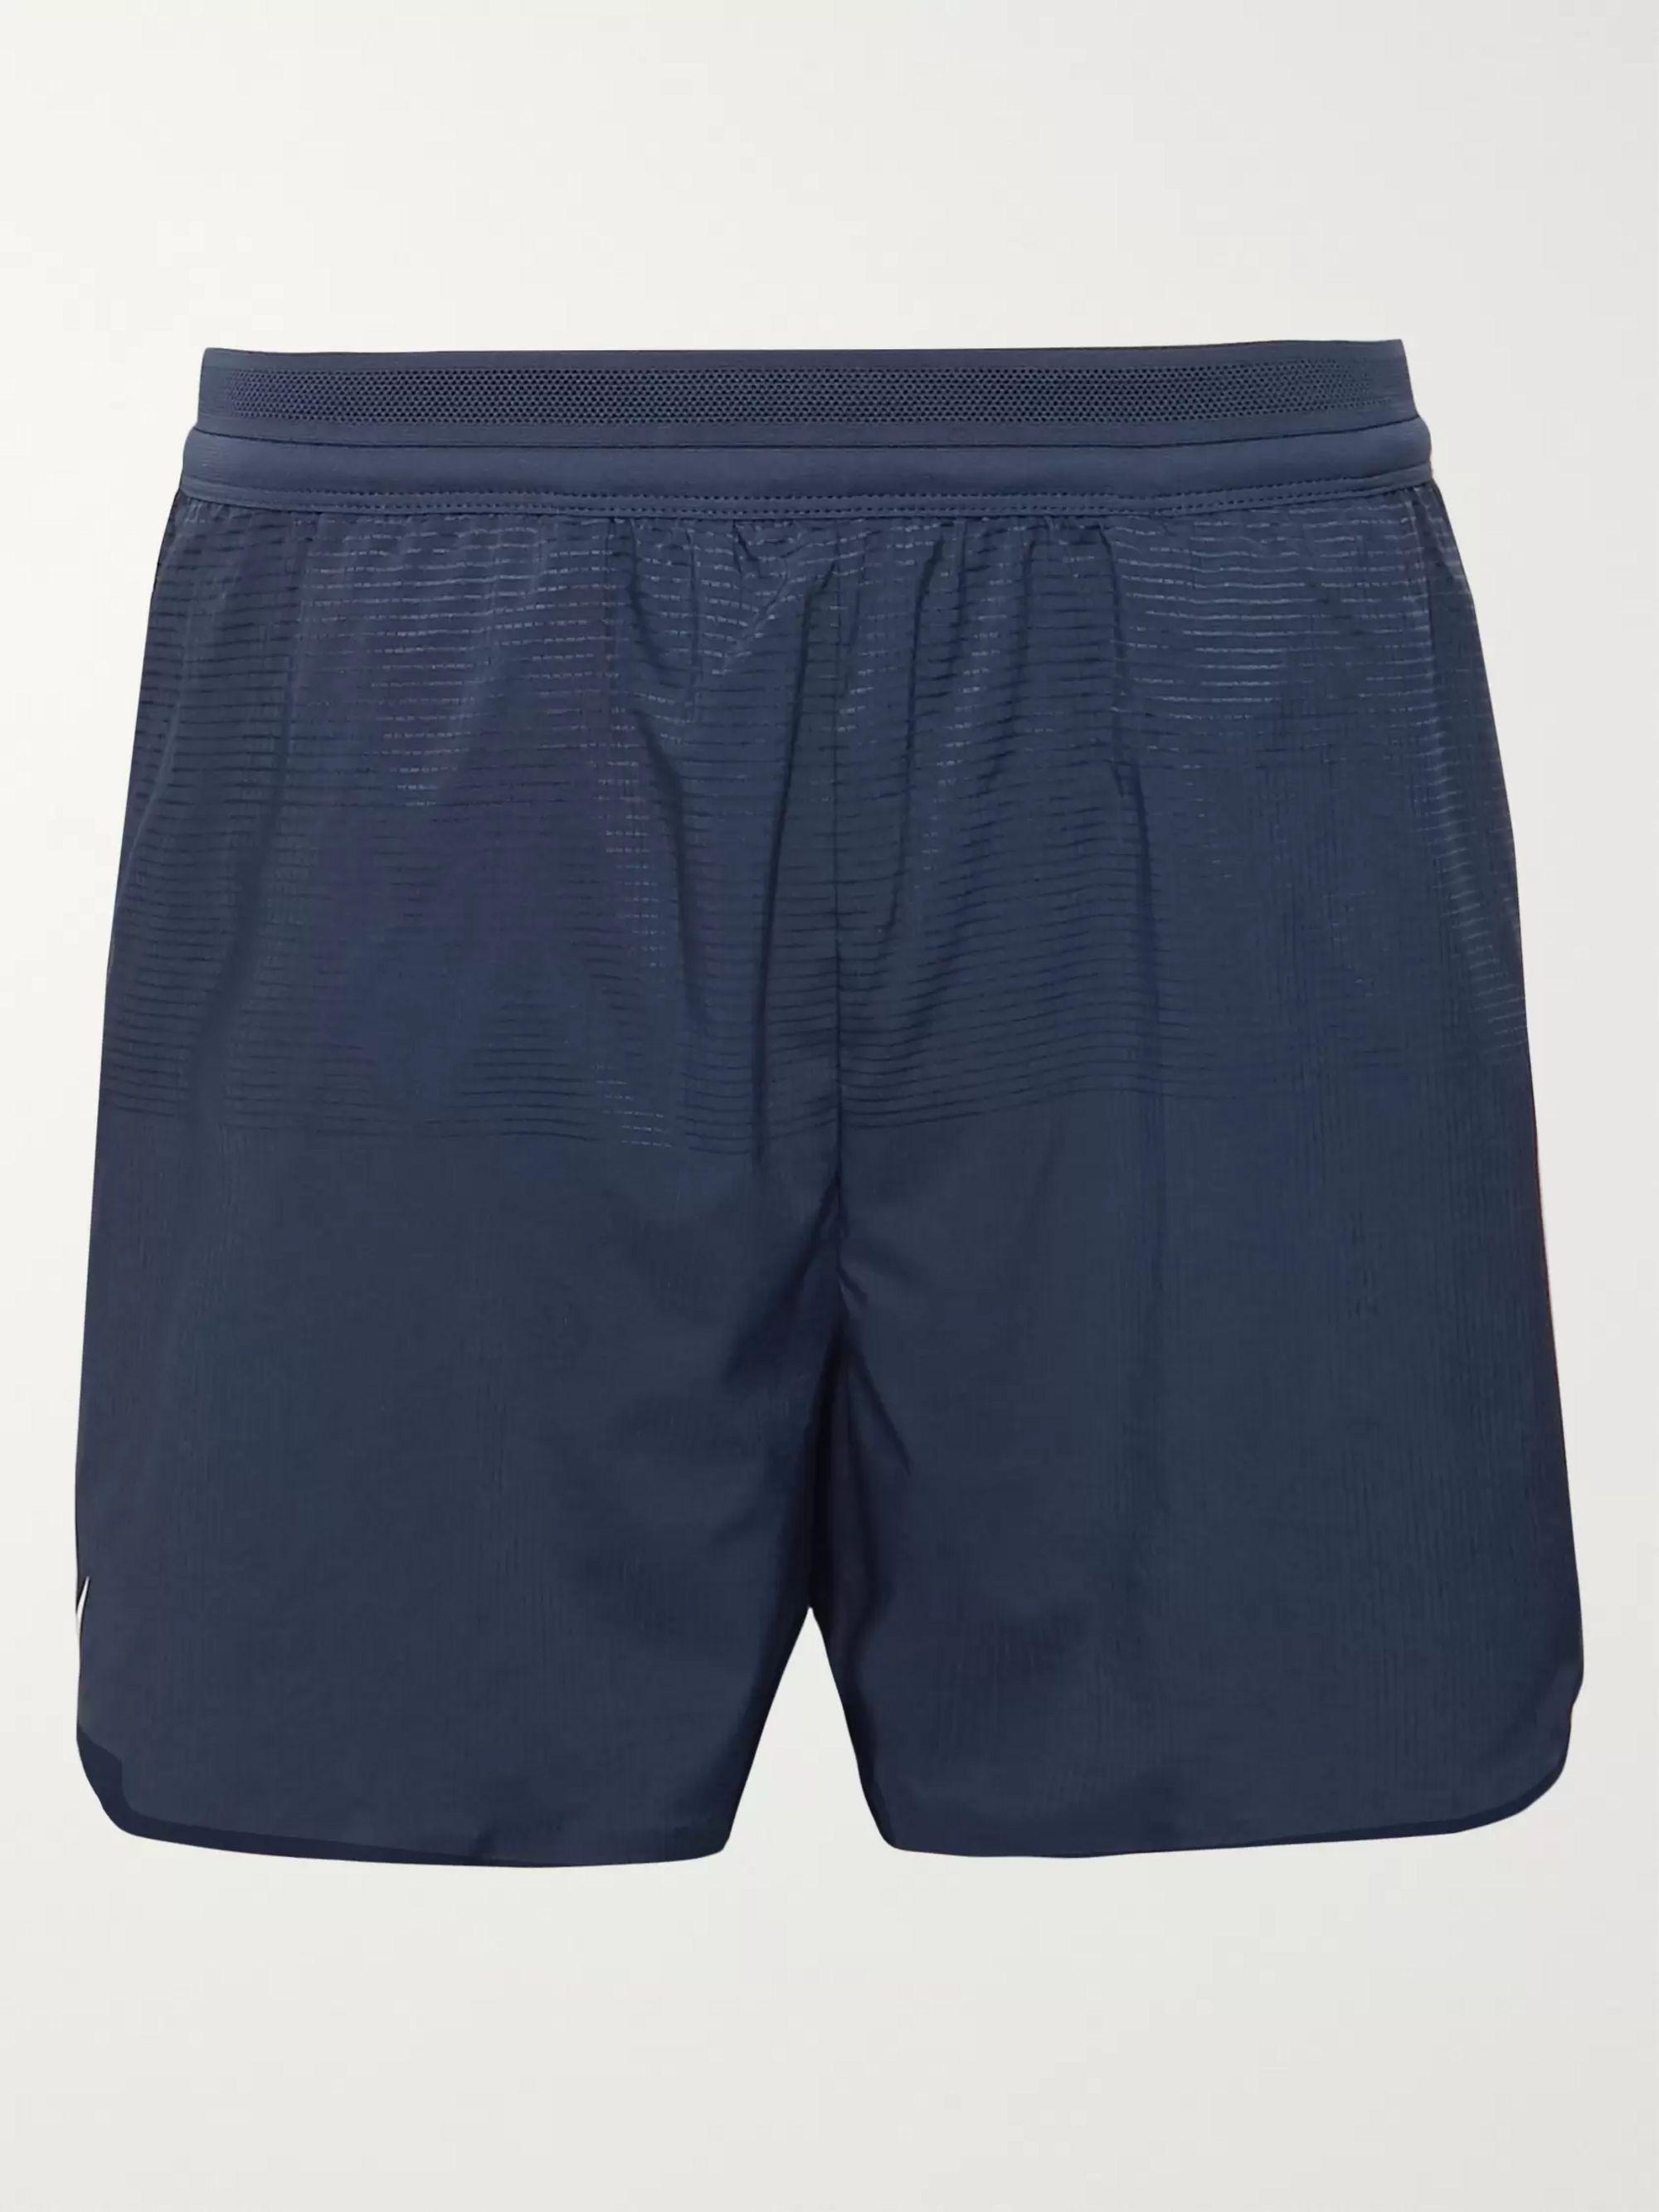 nike shorts aeroswift